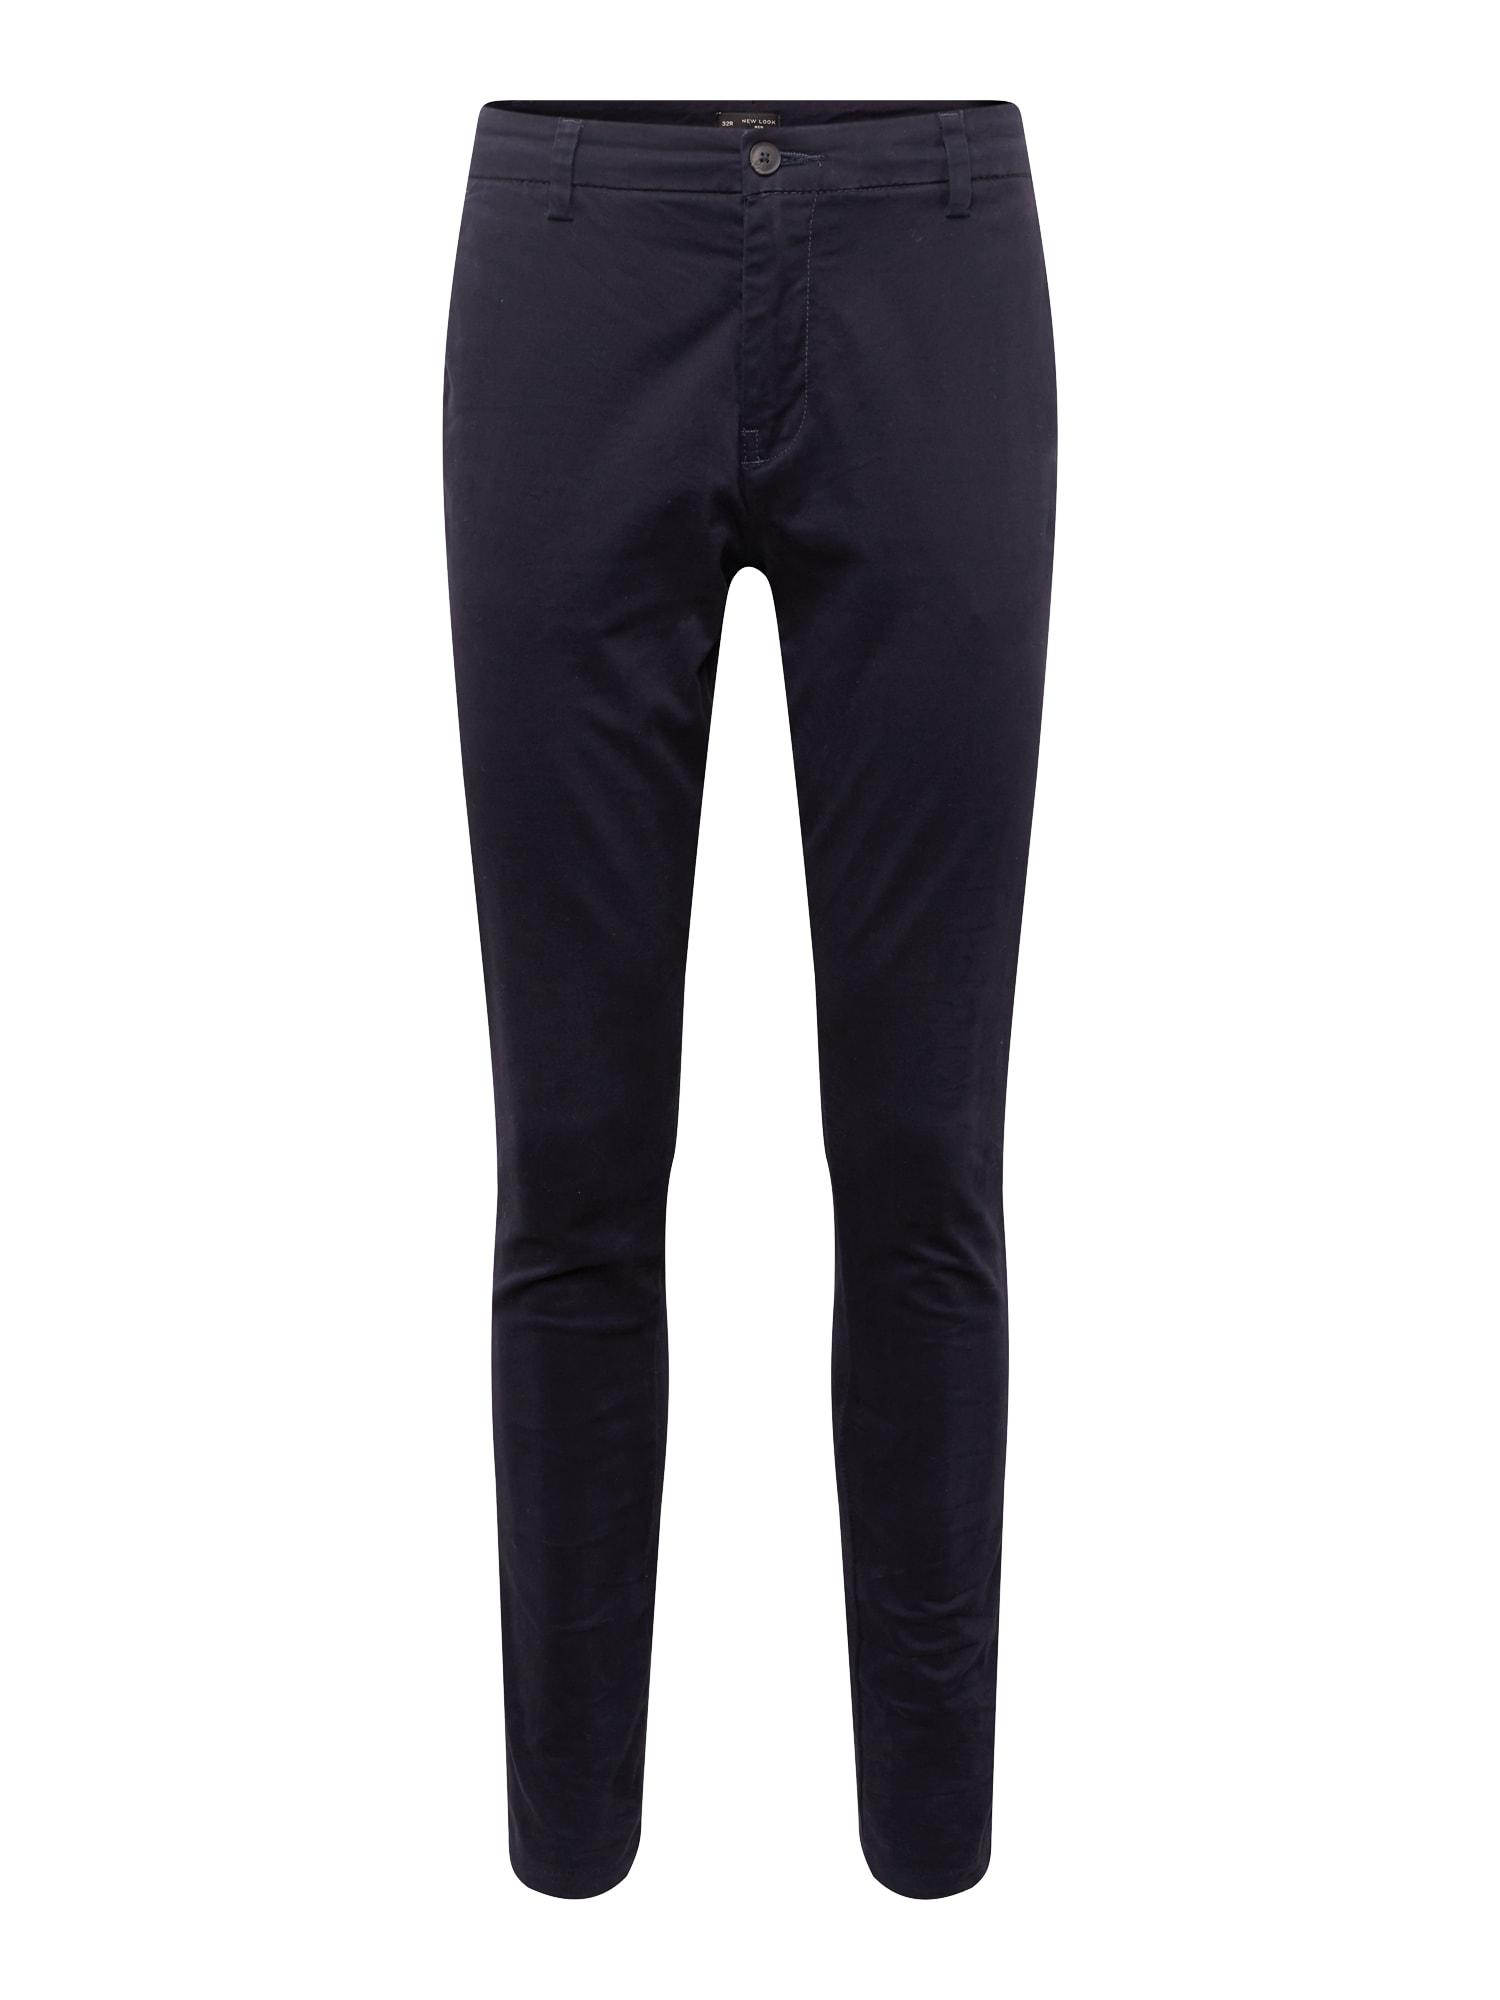 NEW LOOK Chino kalhoty 'STRETCH SKINNY CHINO'  námořnická modř